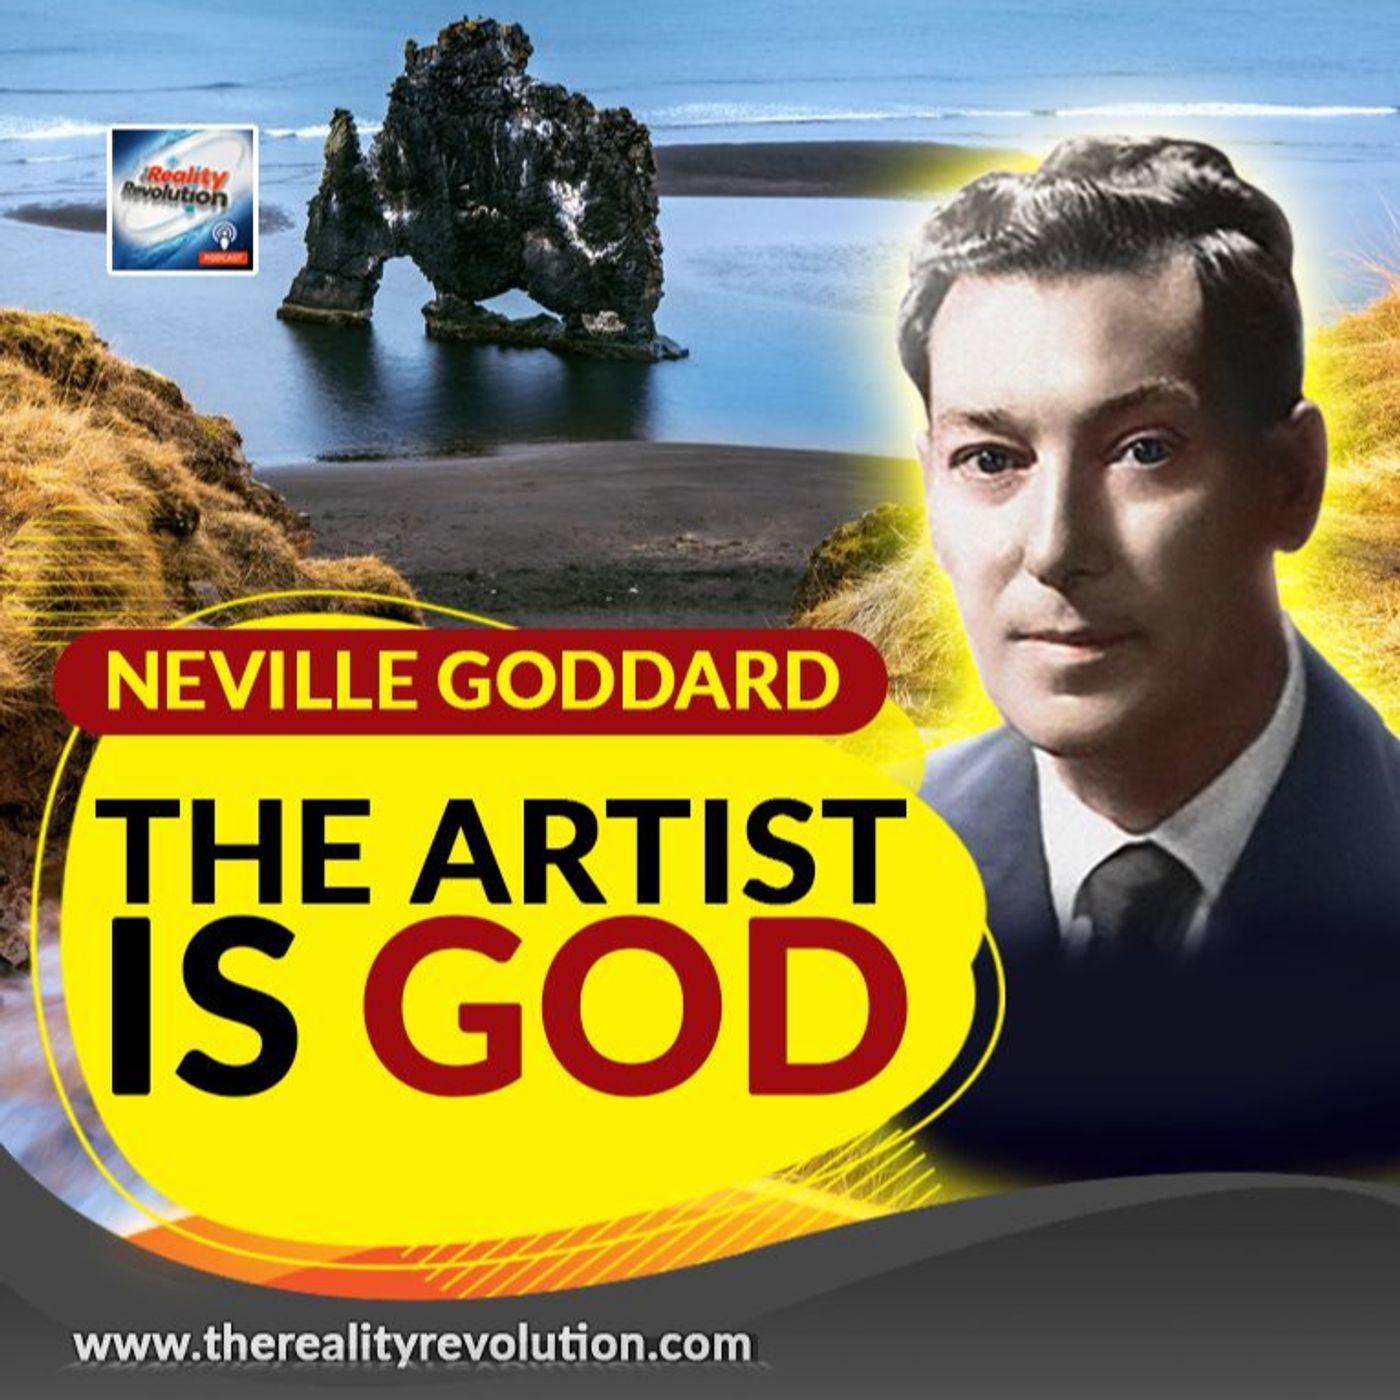 Neville Goddard - The Artist Is God